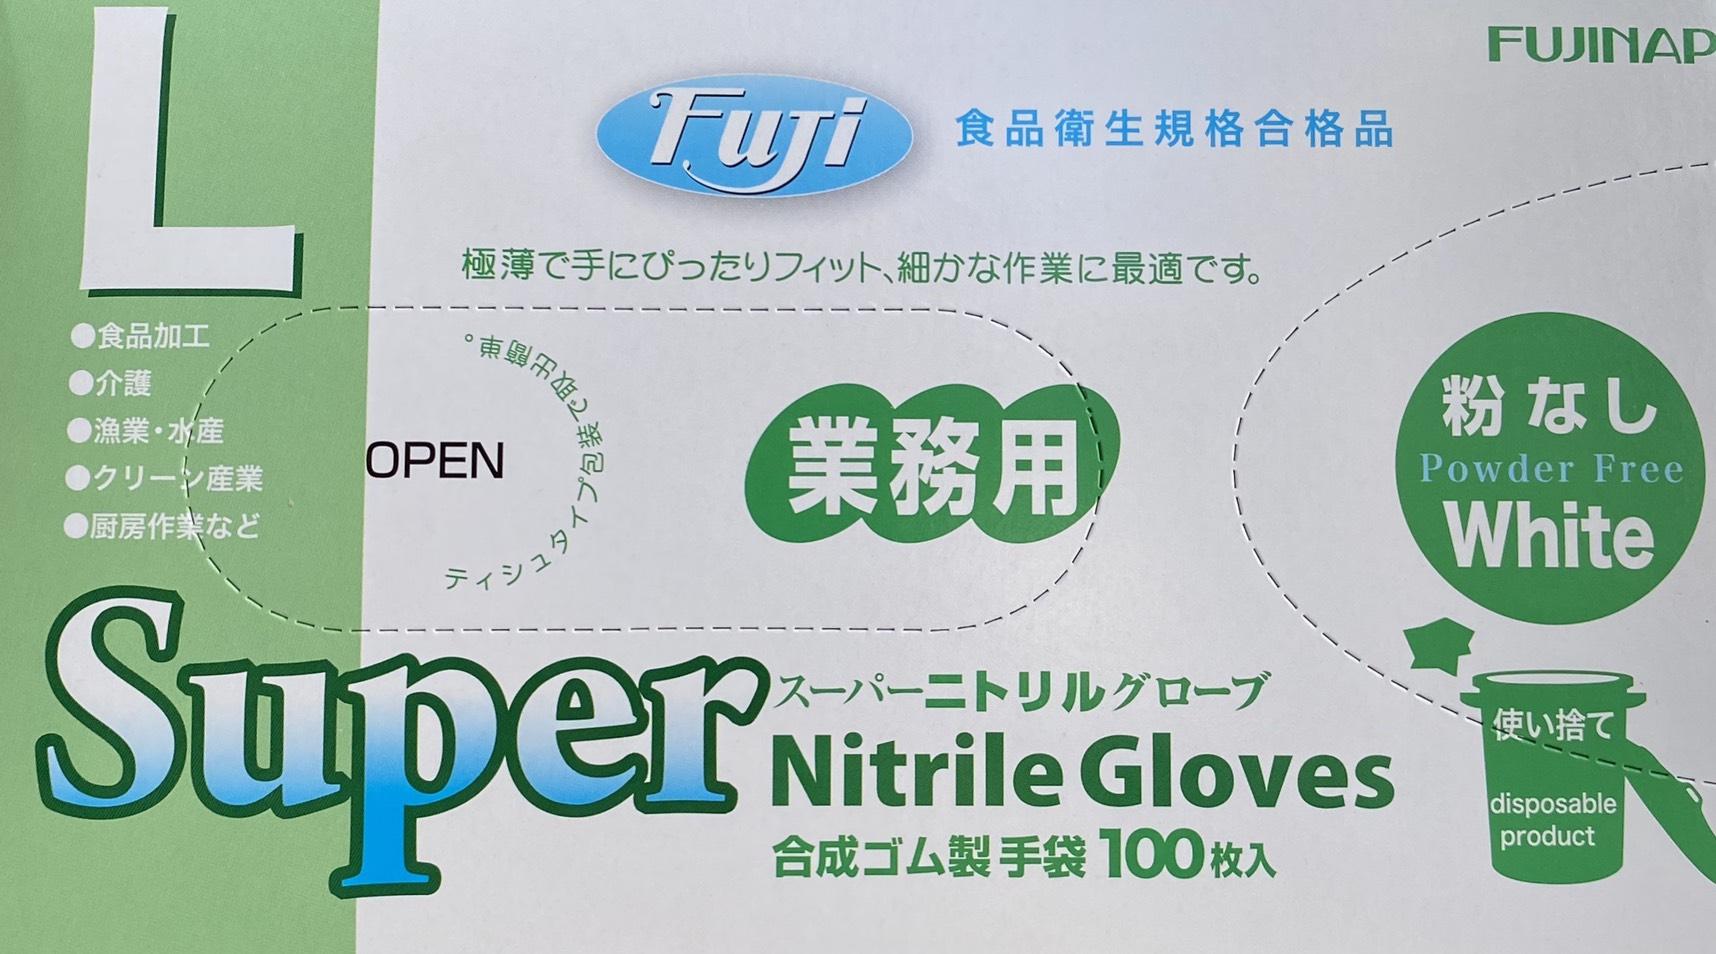 フジスーパーニトリルグローブ粉なしLホワイト100枚入×5箱【使い捨て手袋】